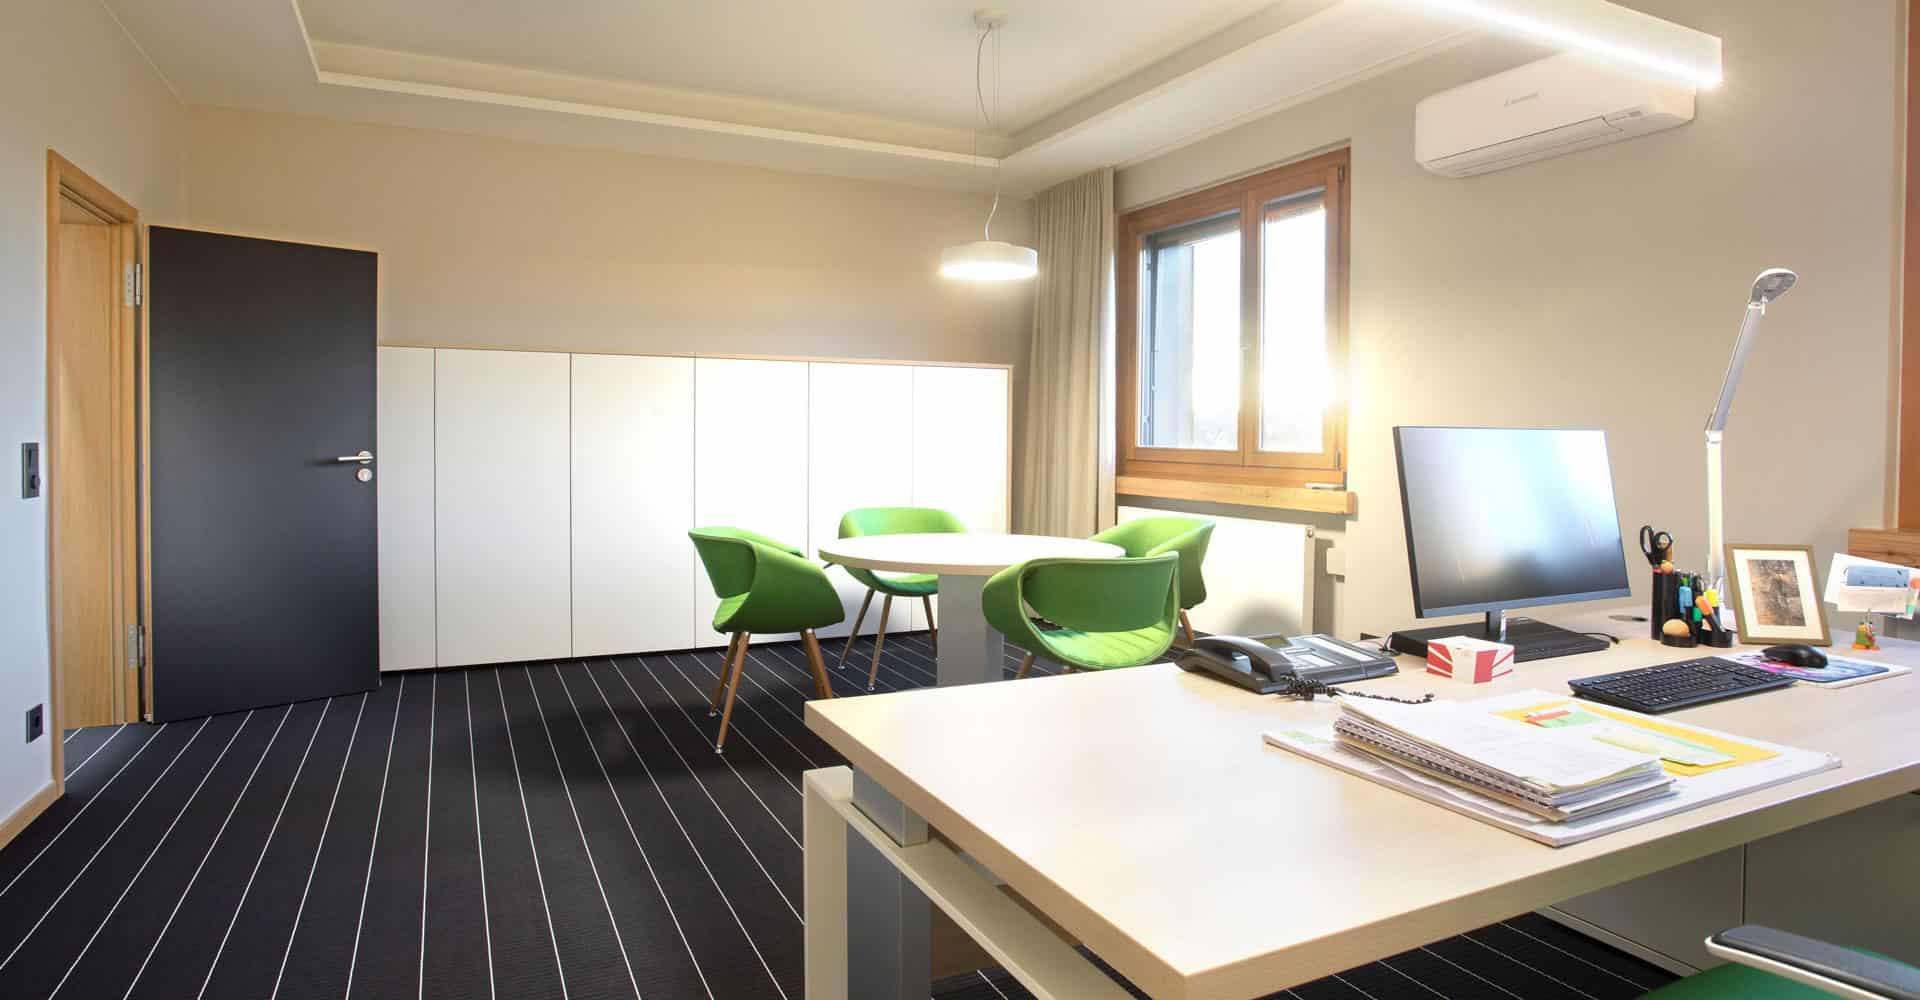 EWG Dresden Vorstandsetage Schreibtisch